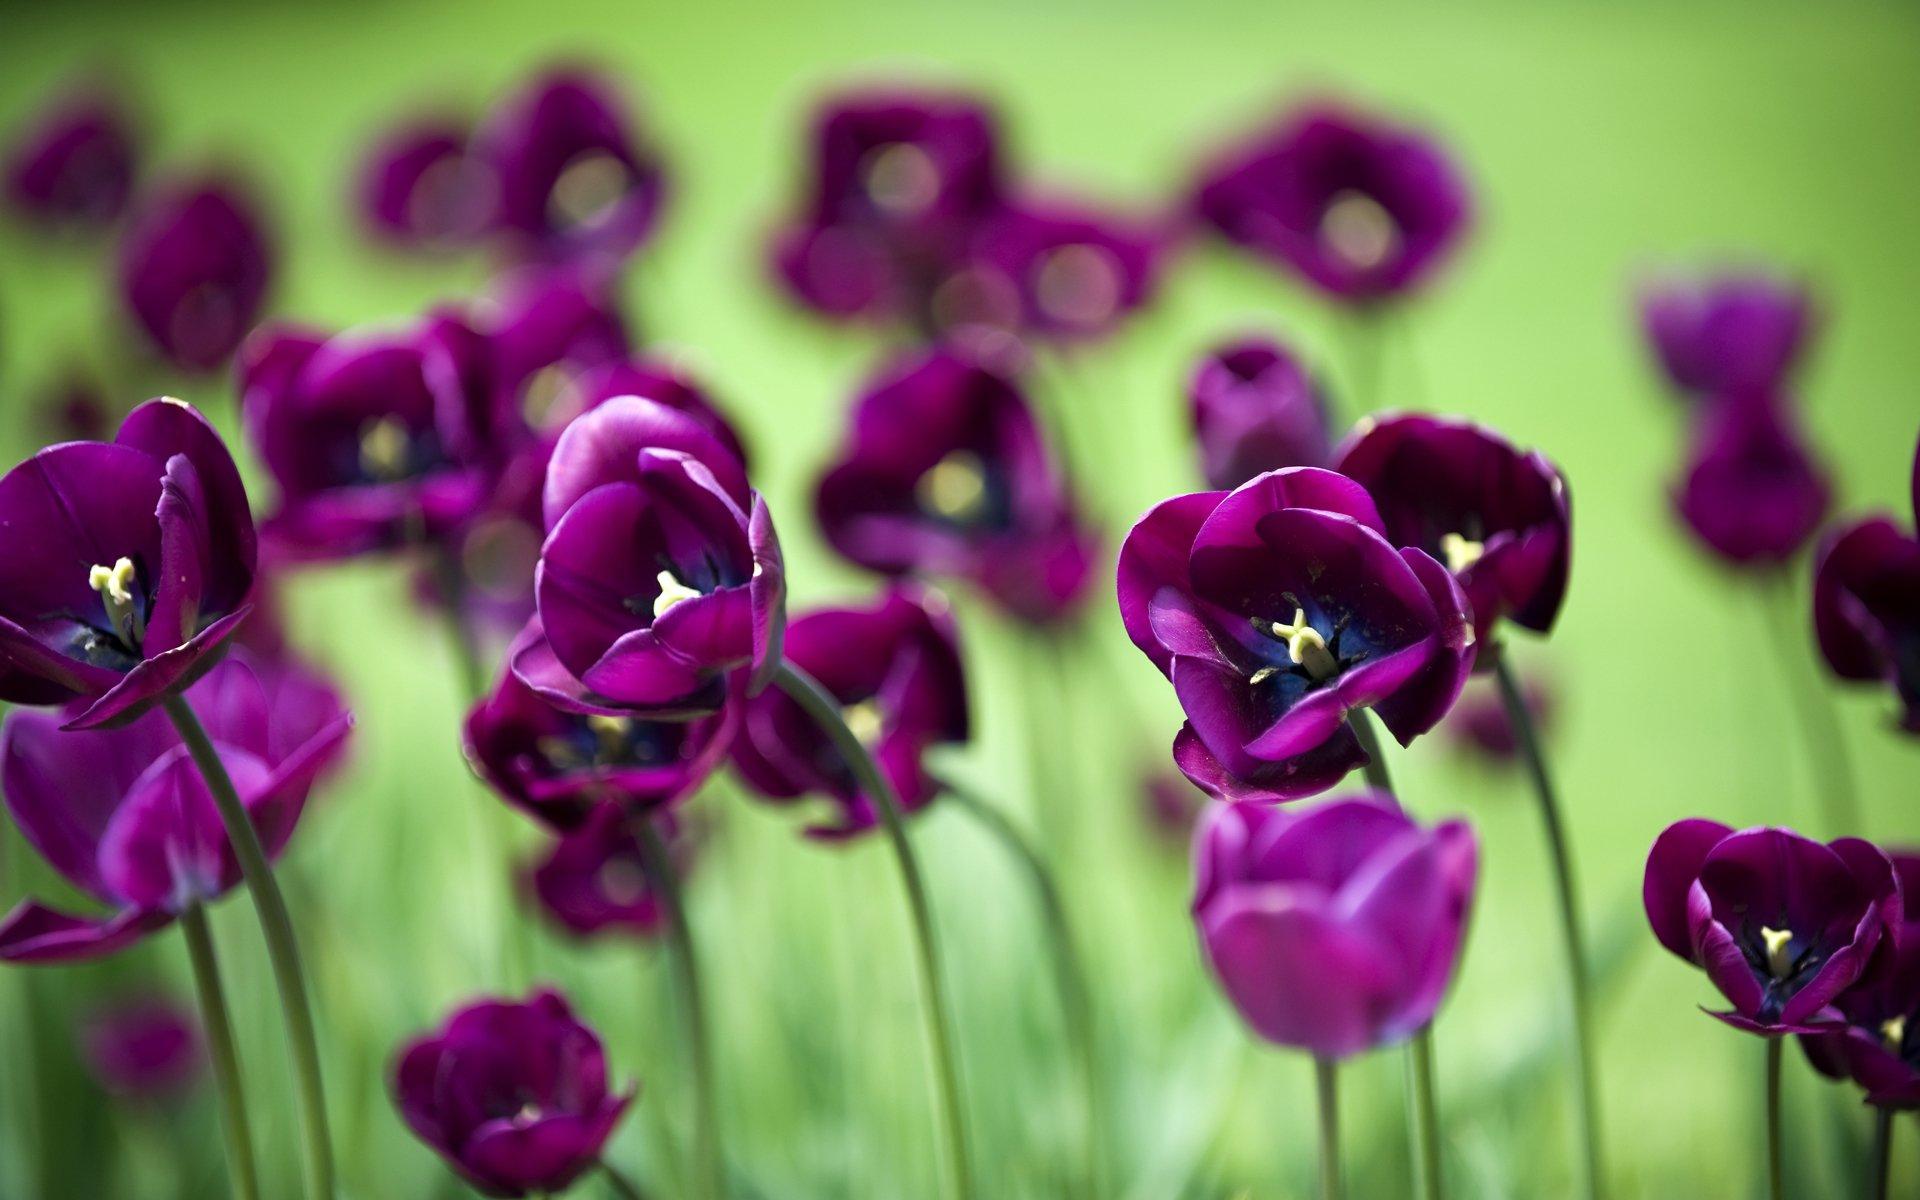 Обои цветы 1366x768 на рабочий стол скачать цветы обои 1366x768 ...   1200x1920